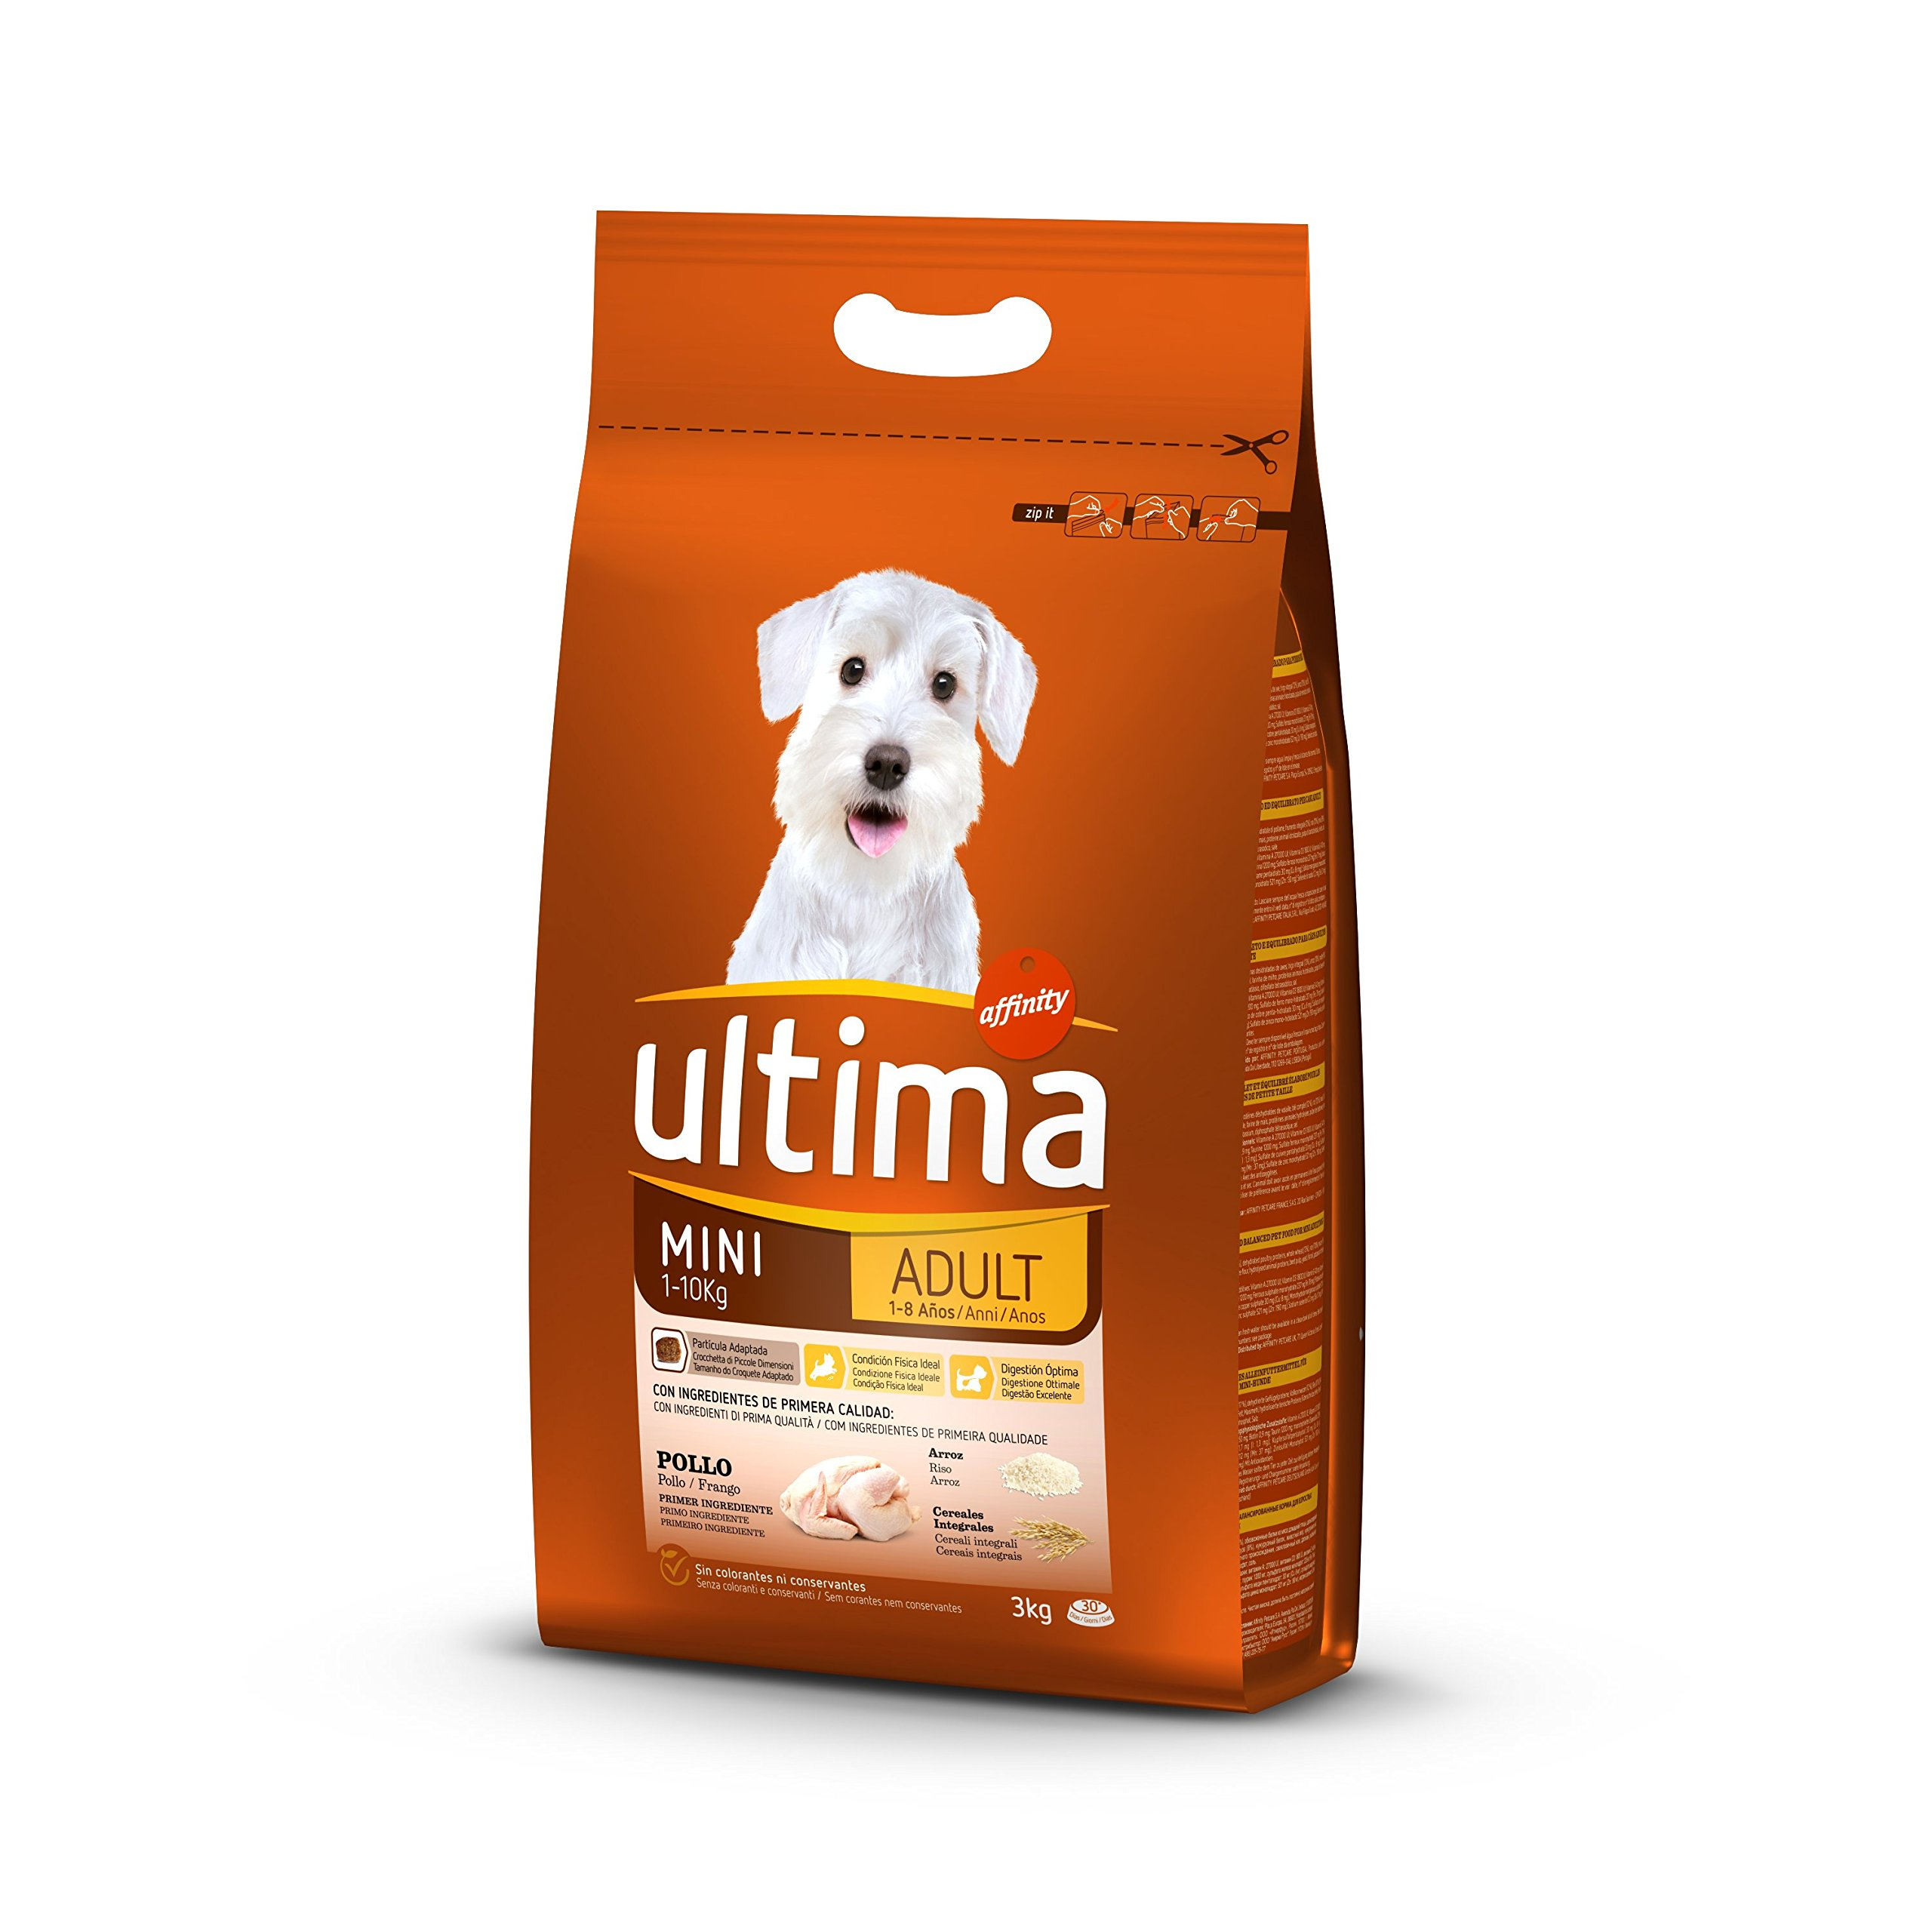 Ultima Pienso para Perros Mini Adultos con Pollo y Arroz product image